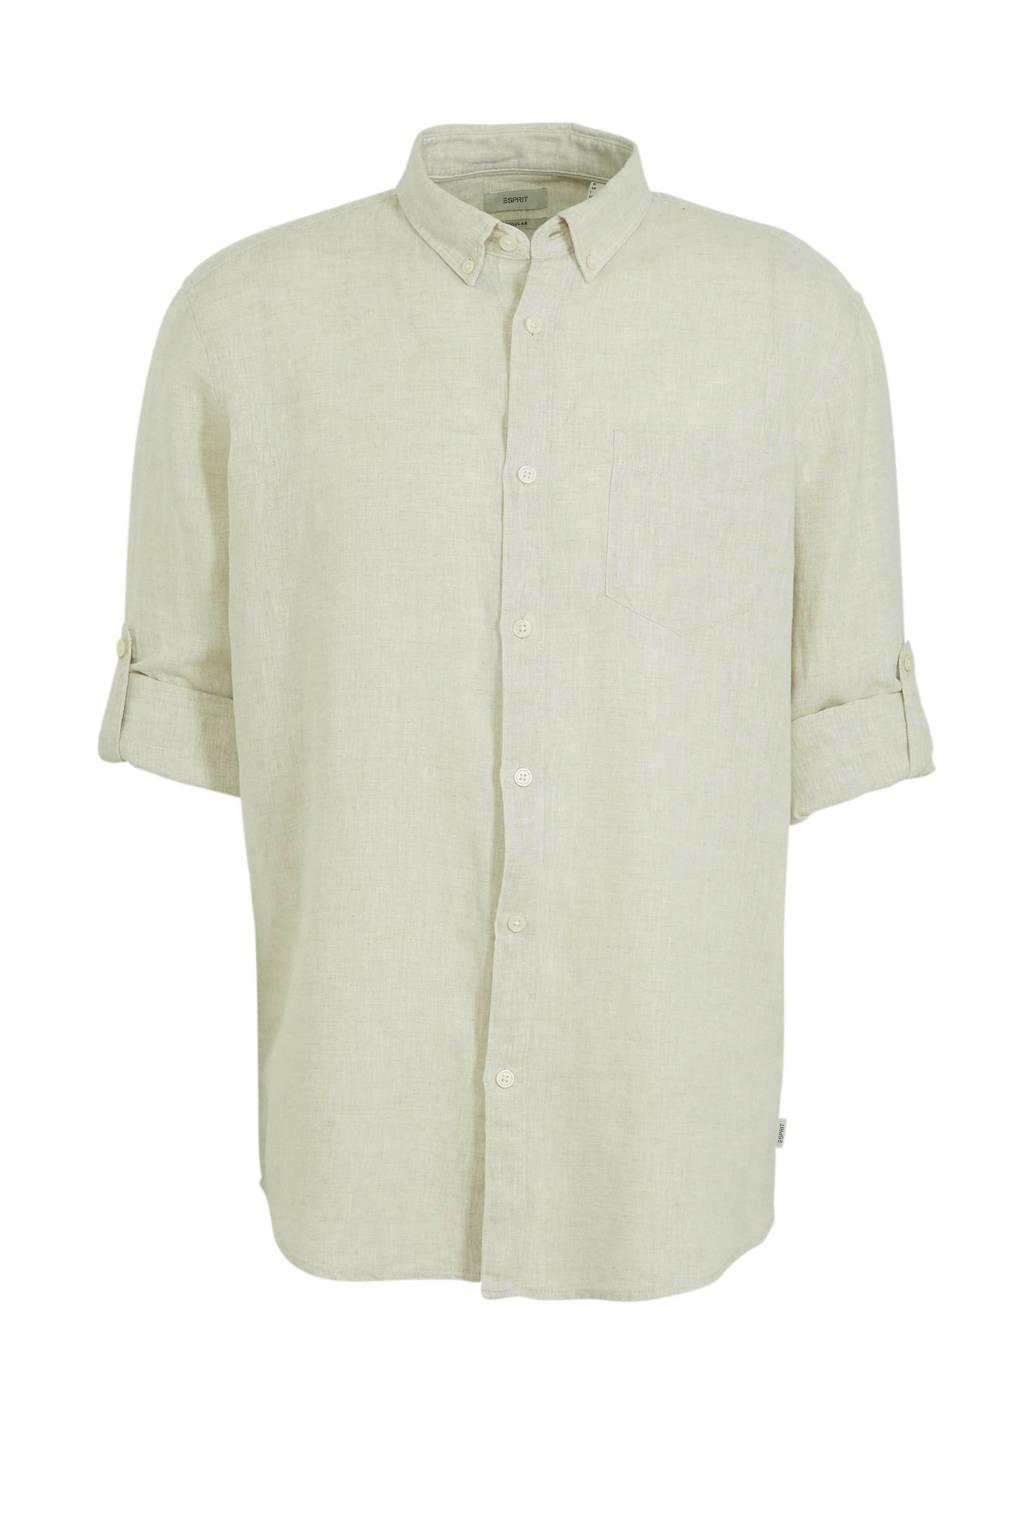 ESPRIT Men Casual regular fit overhemd met linnen lichtgroen, Lichtgroen